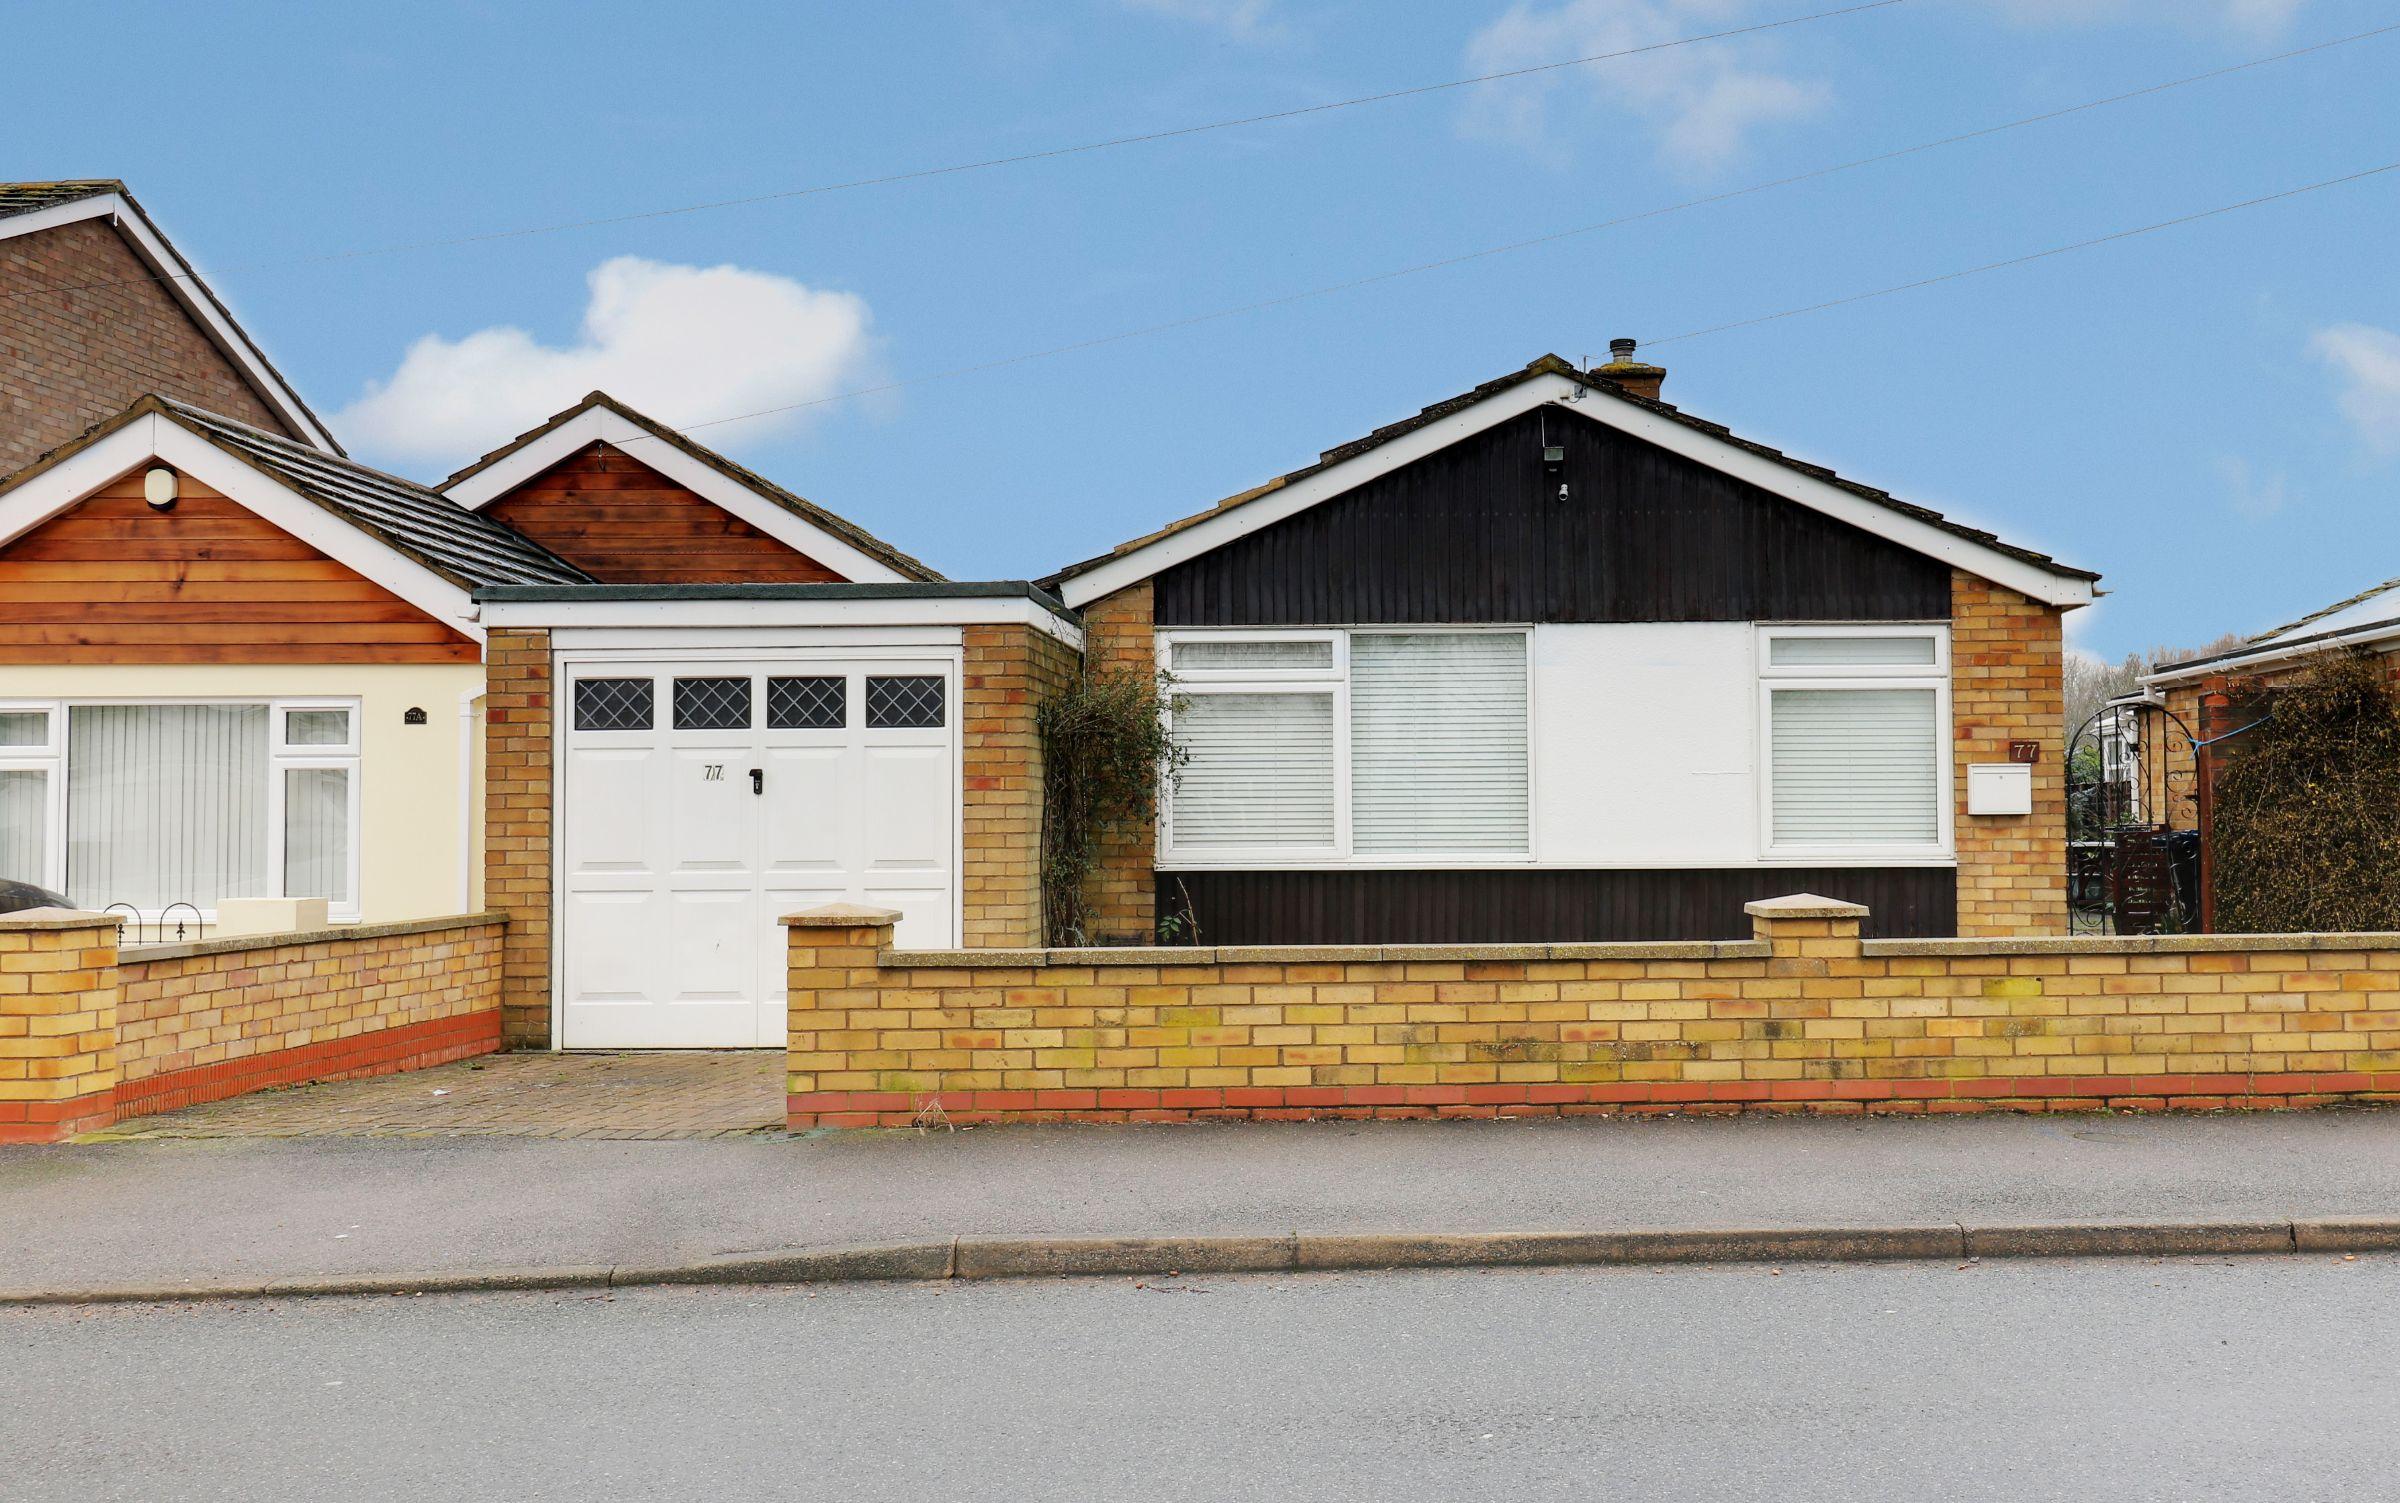 Hardwick Road, Eynesbury, St. Neots